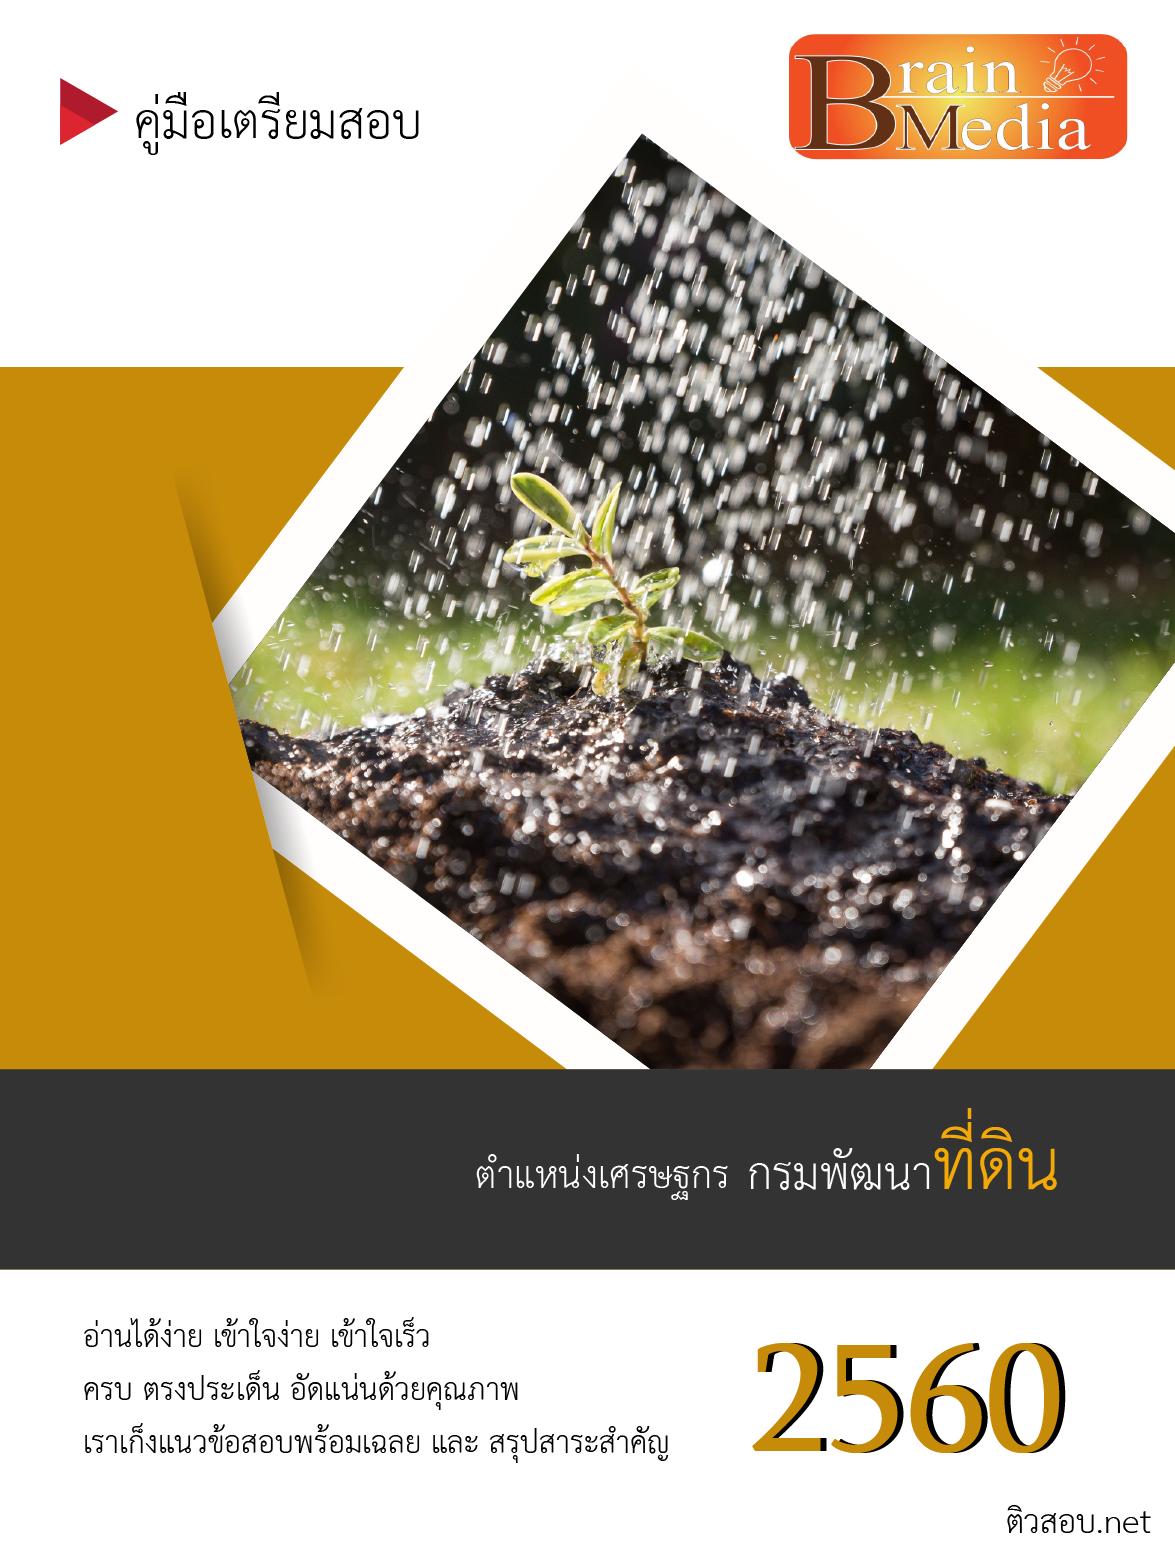 เฉลยแนวข้อสอบ เศรษฐกร กรมพัฒนาที่ดิน